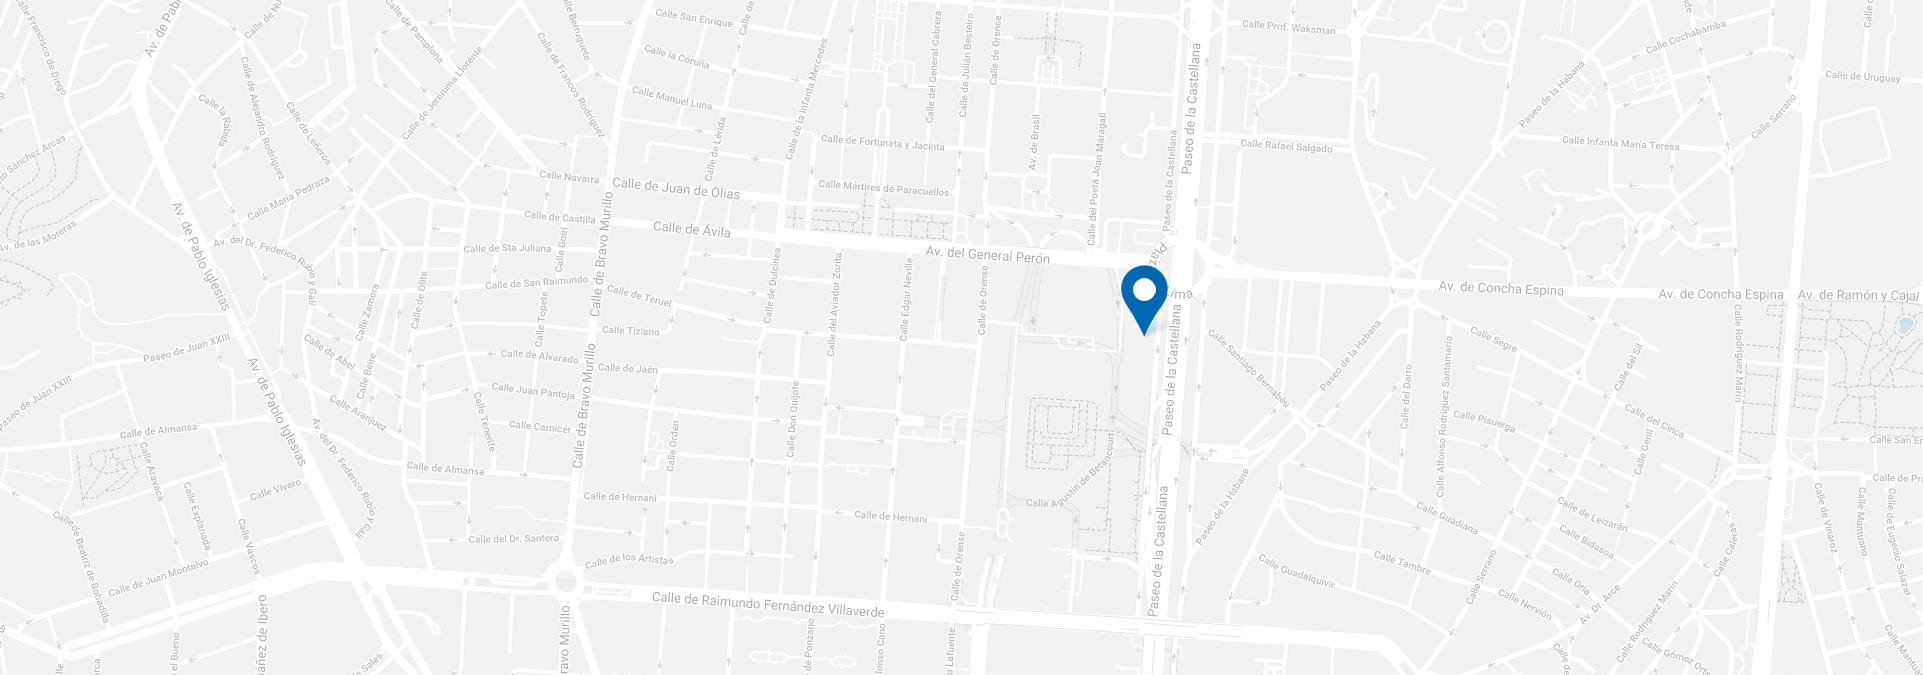 map-spain-madrid-full